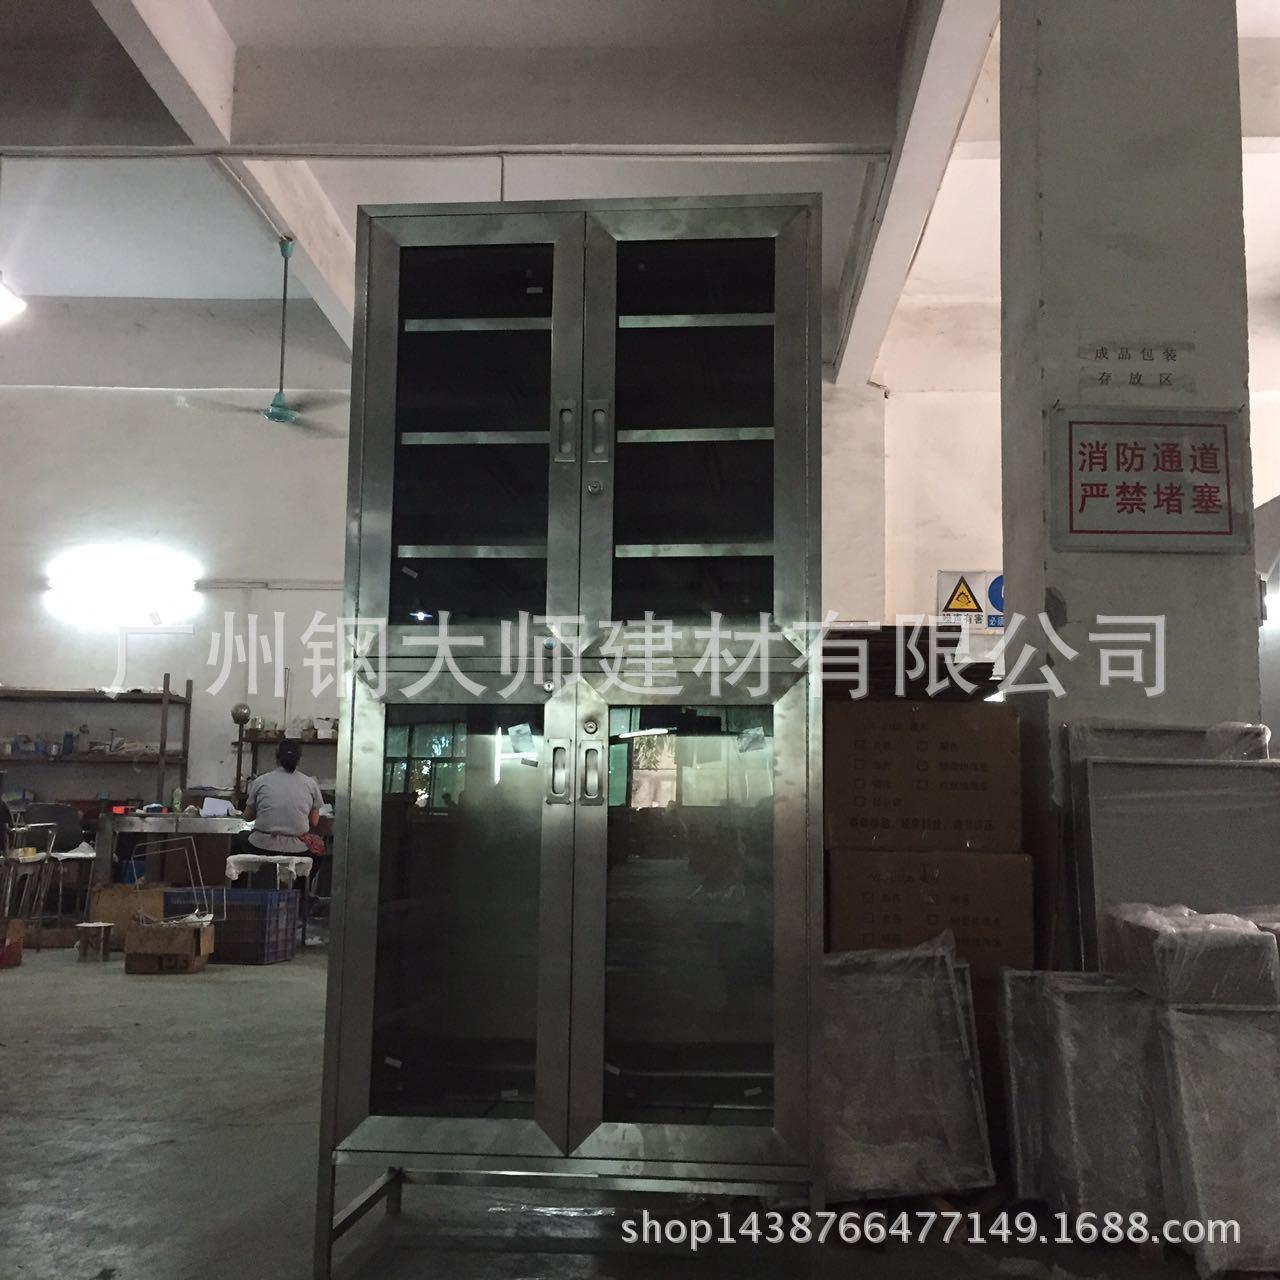 厂家定做不锈钢资料文件柜 304玻璃门对开办公文件柜a4 办公家具